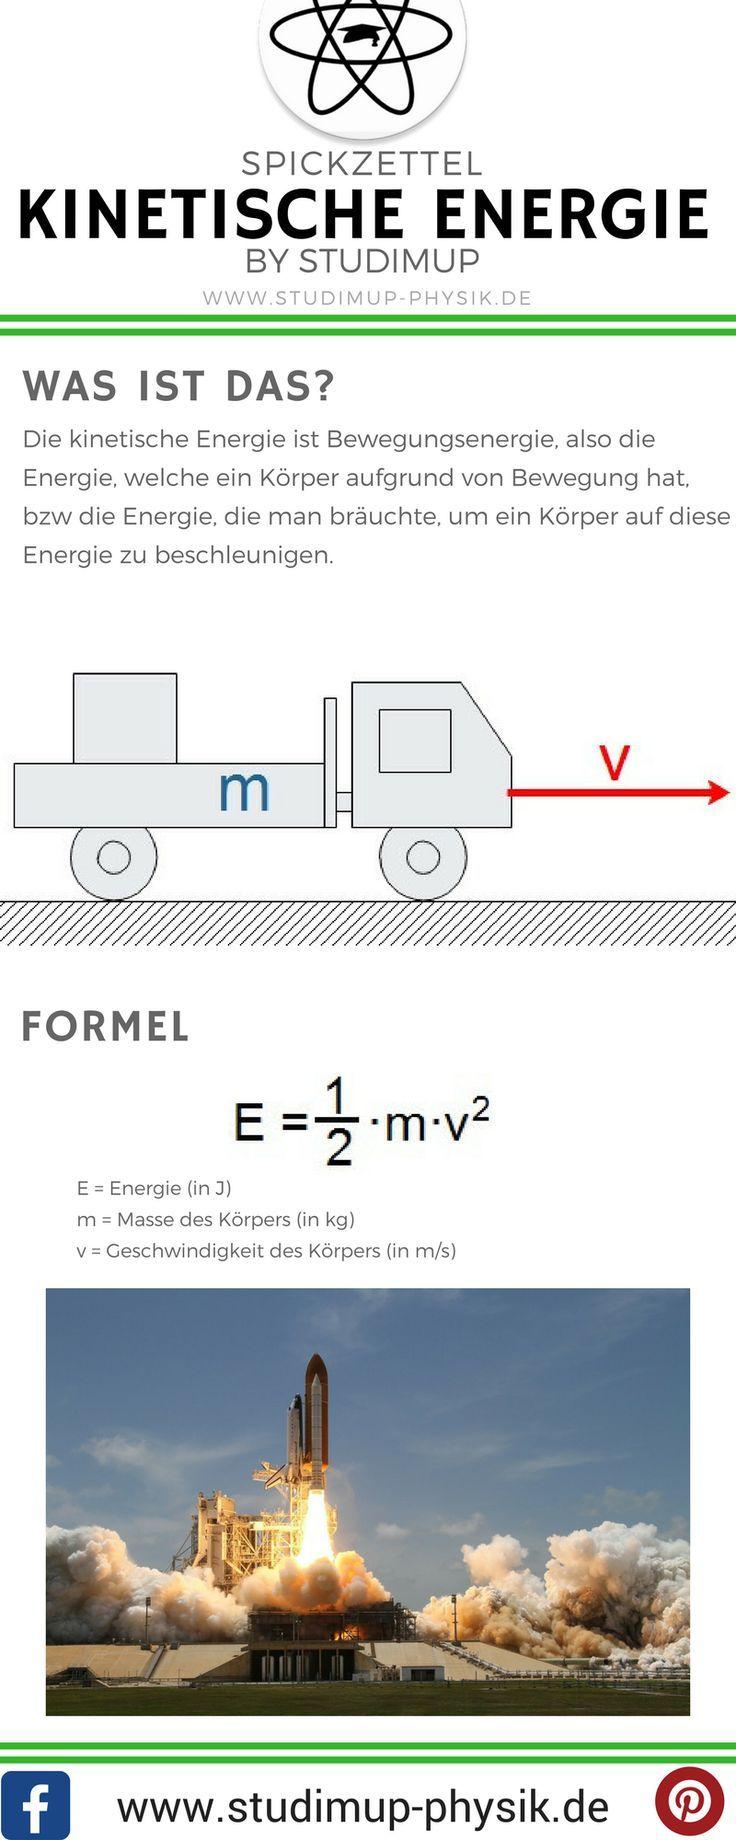 Spickzettel zur kinetischen Energie. Physik einfach lernen mit Studimup – tantilein